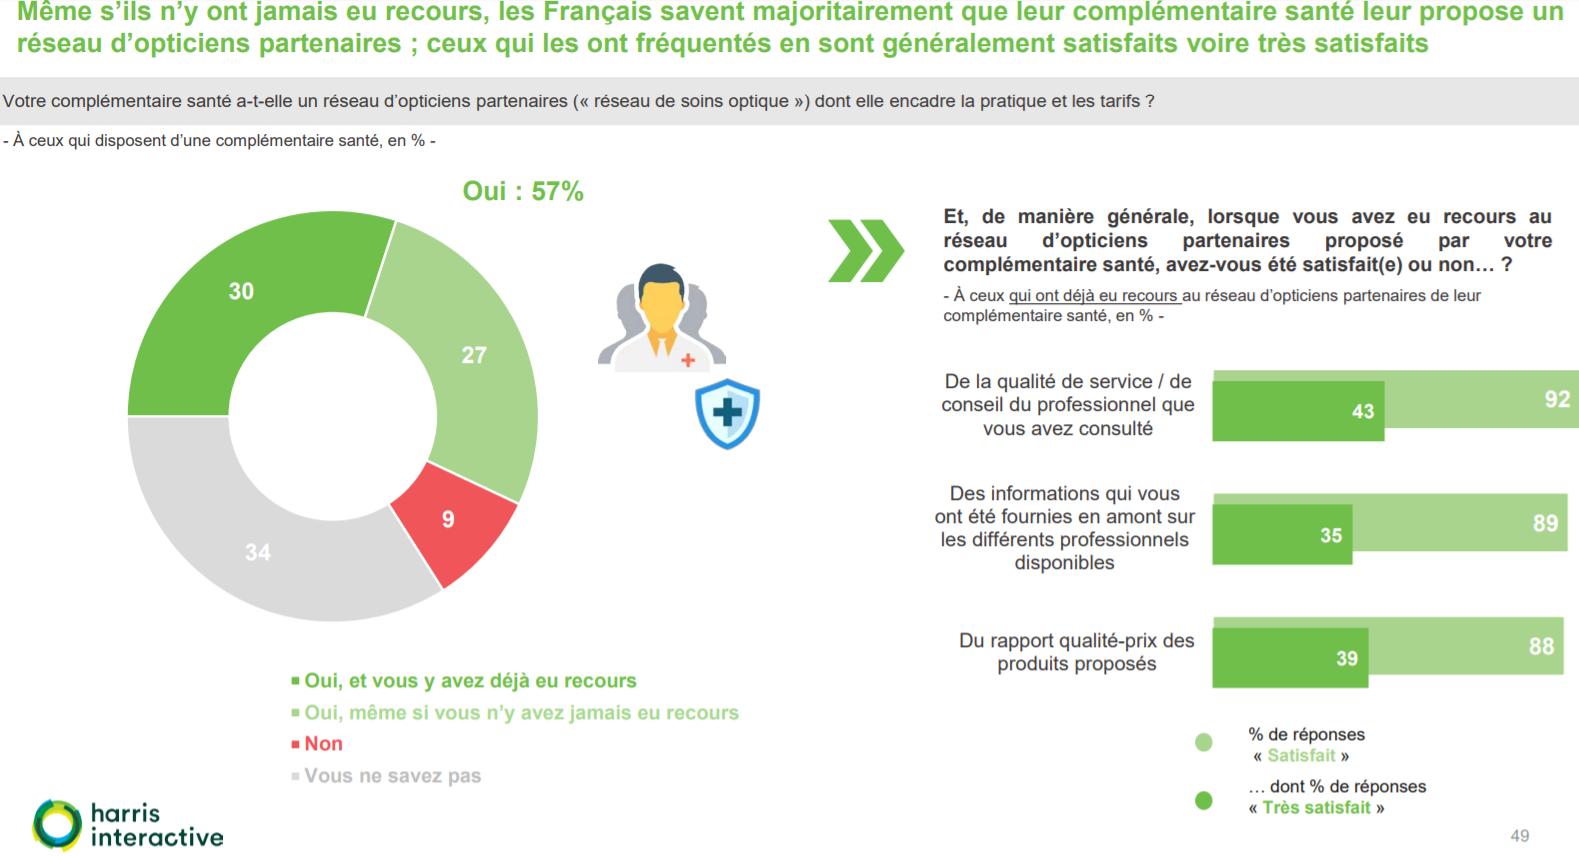 Réseaux de soins : Qu'en pensent les Français ?